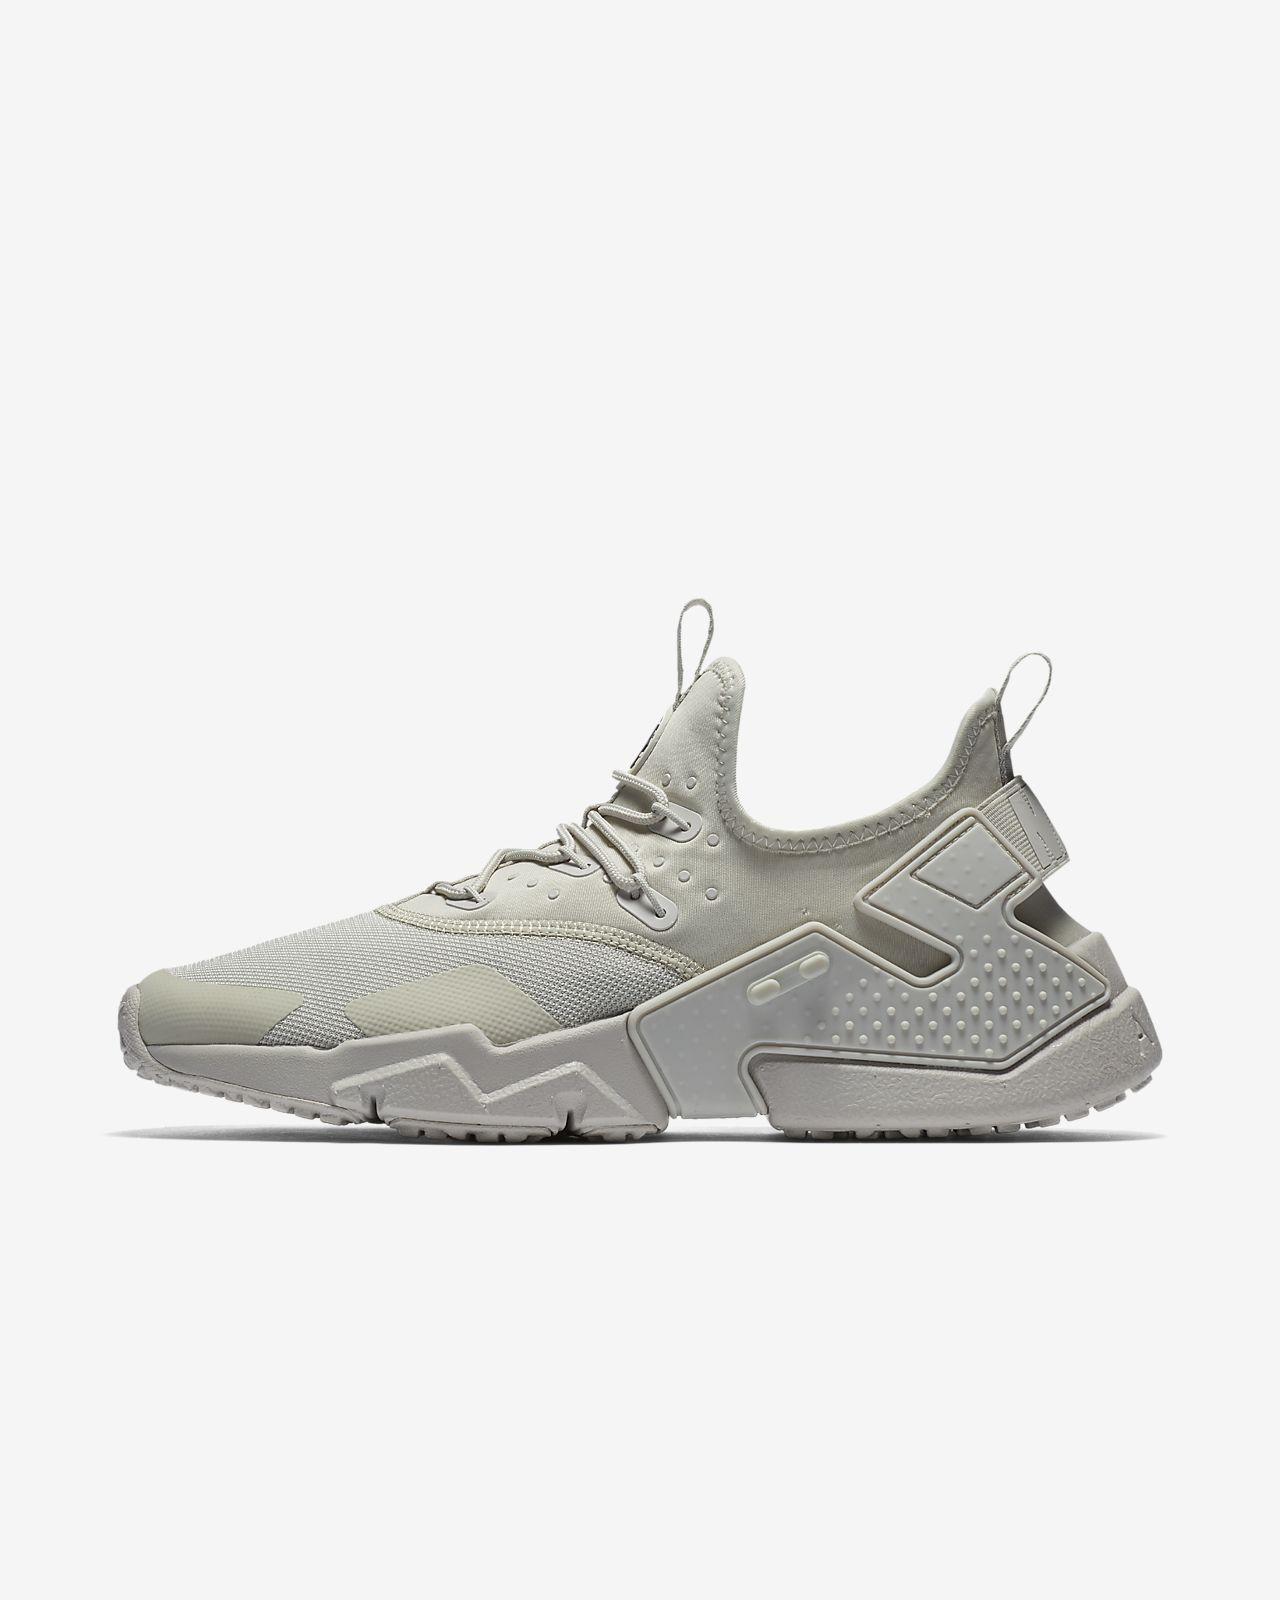 premium selection 071e4 1b8a1 Chaussure Nike Air Huarache Drift pour Homme ...